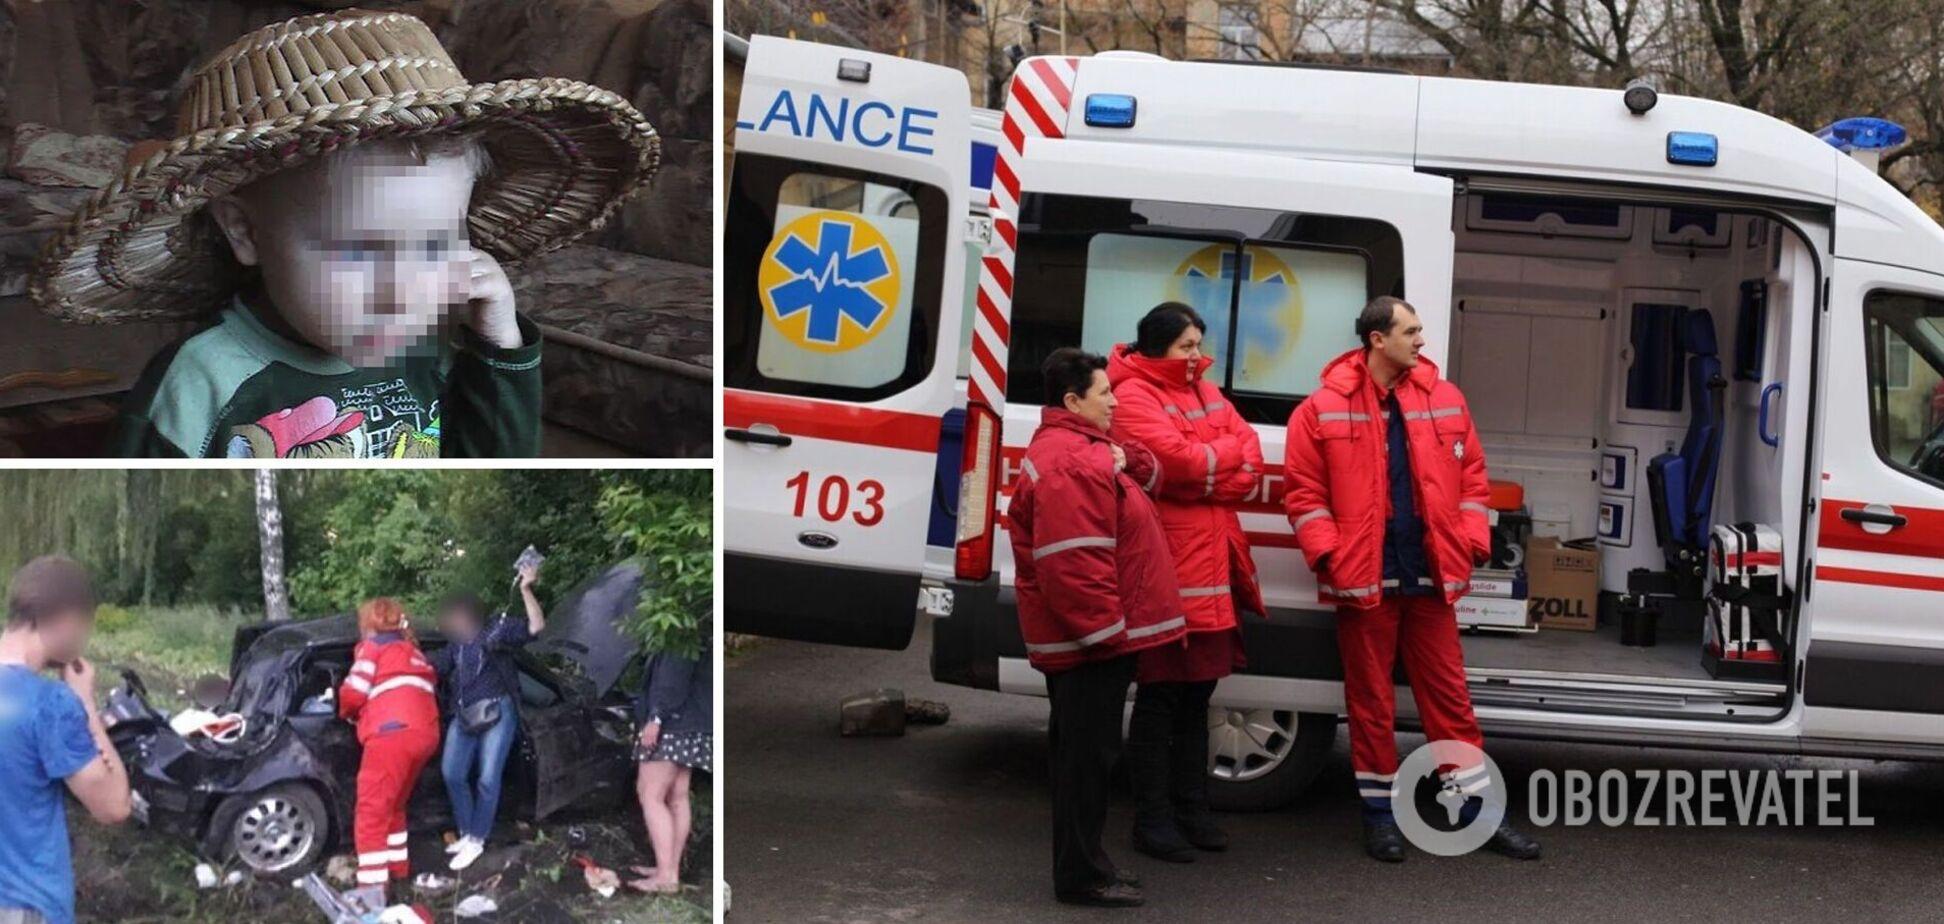 У ДТП під Києвом 12-річний хлопчик загинув у день свого народження, поліція підозрює батька: деталі трагедії